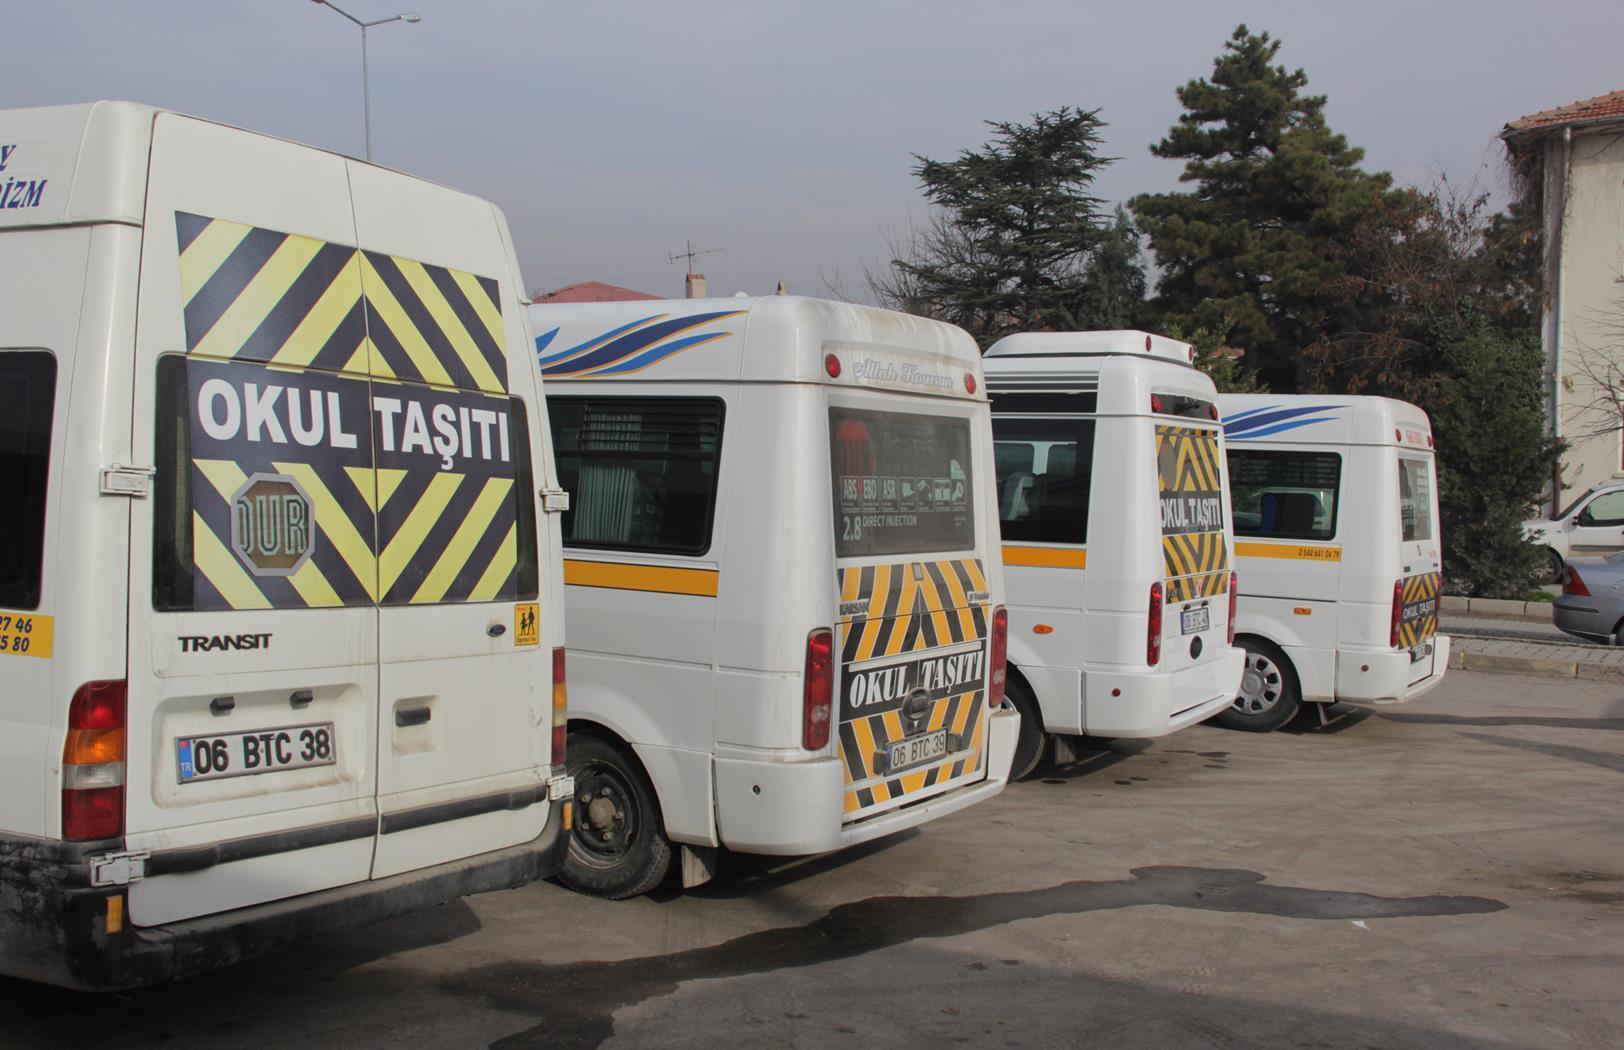 Ankara Haberleri: Kütüphane istasyonu yazı tahtasına döndü 16